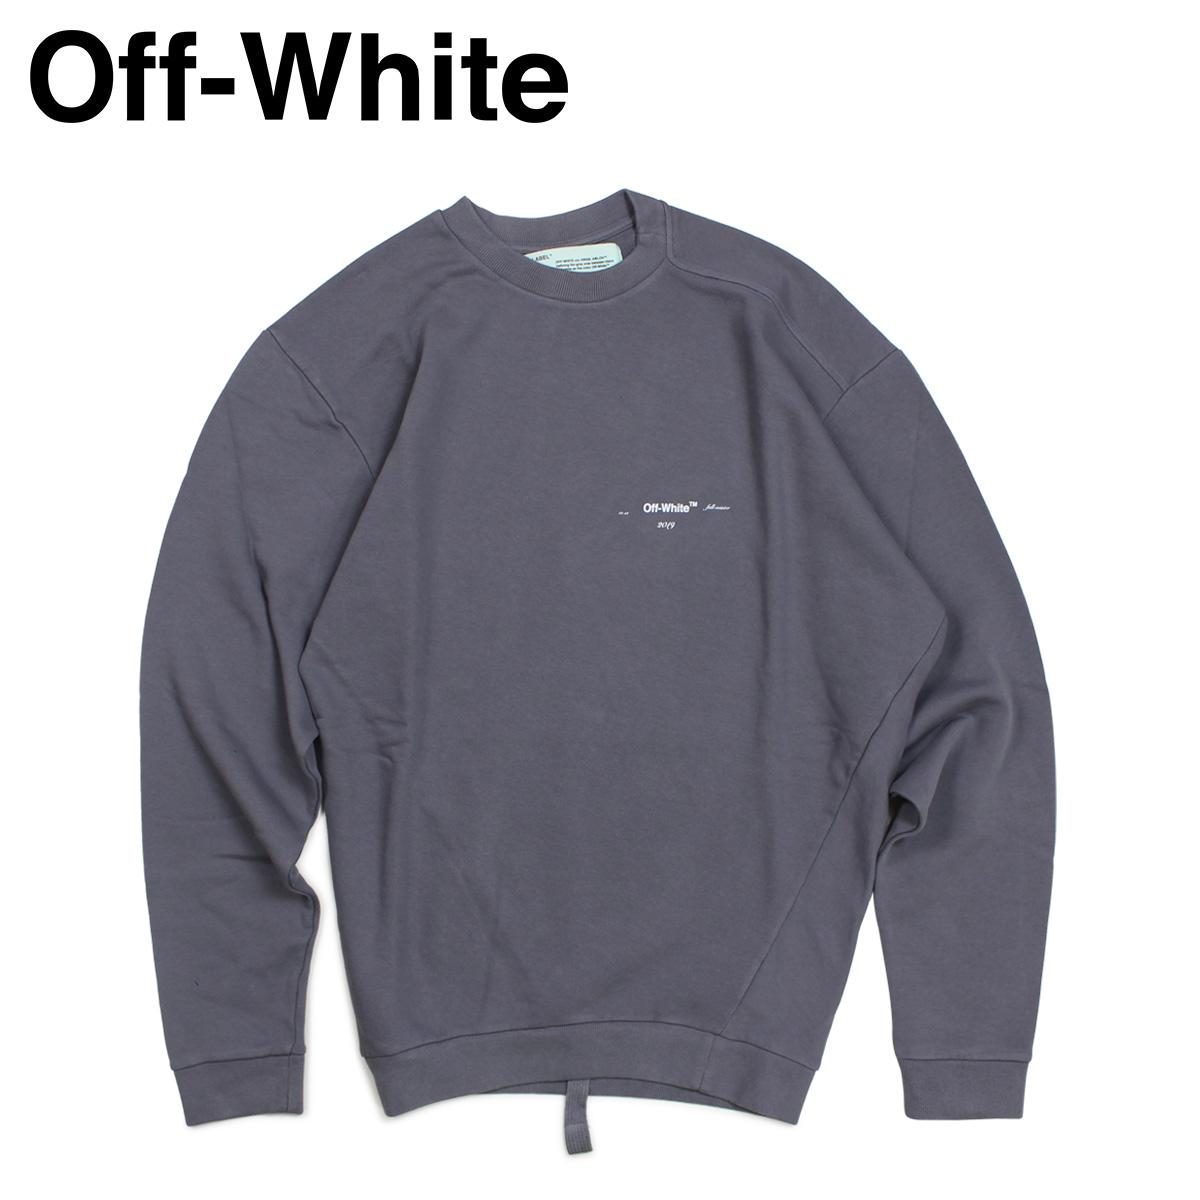 【最大2000円OFFクーポン】 Off-white オフホワイト トレーナー スウェット メンズ COTTON SWEAT SHIRTS グレー OMBA031 192004